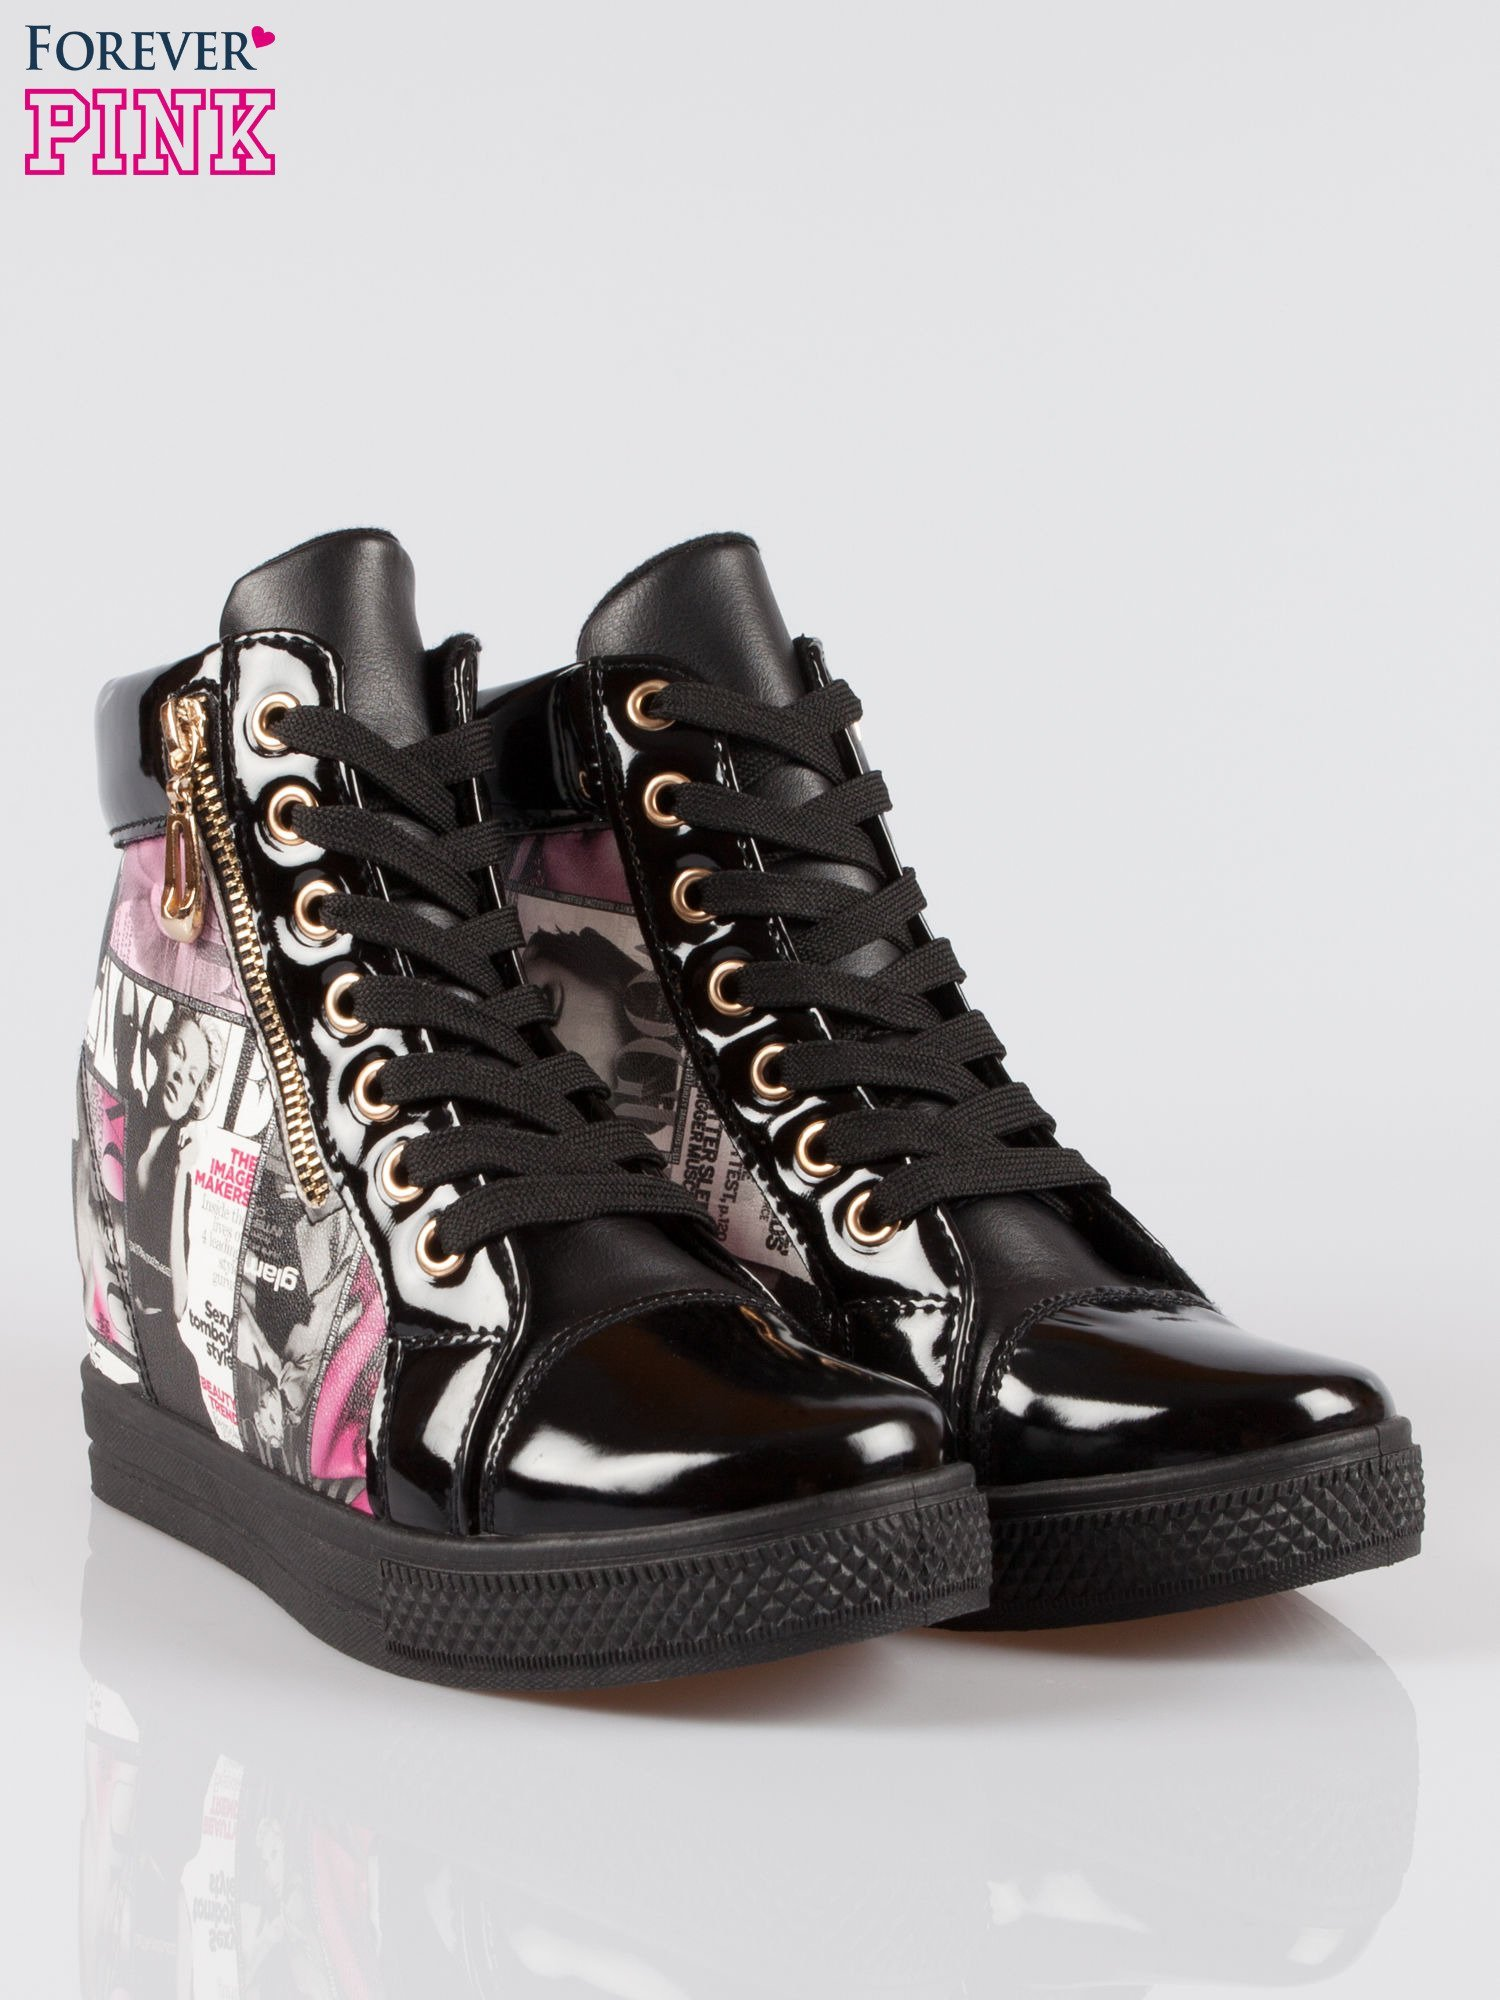 Czarne sneakersy damskie z nadrukiem magazine print Everywhere                                  zdj.                                  2